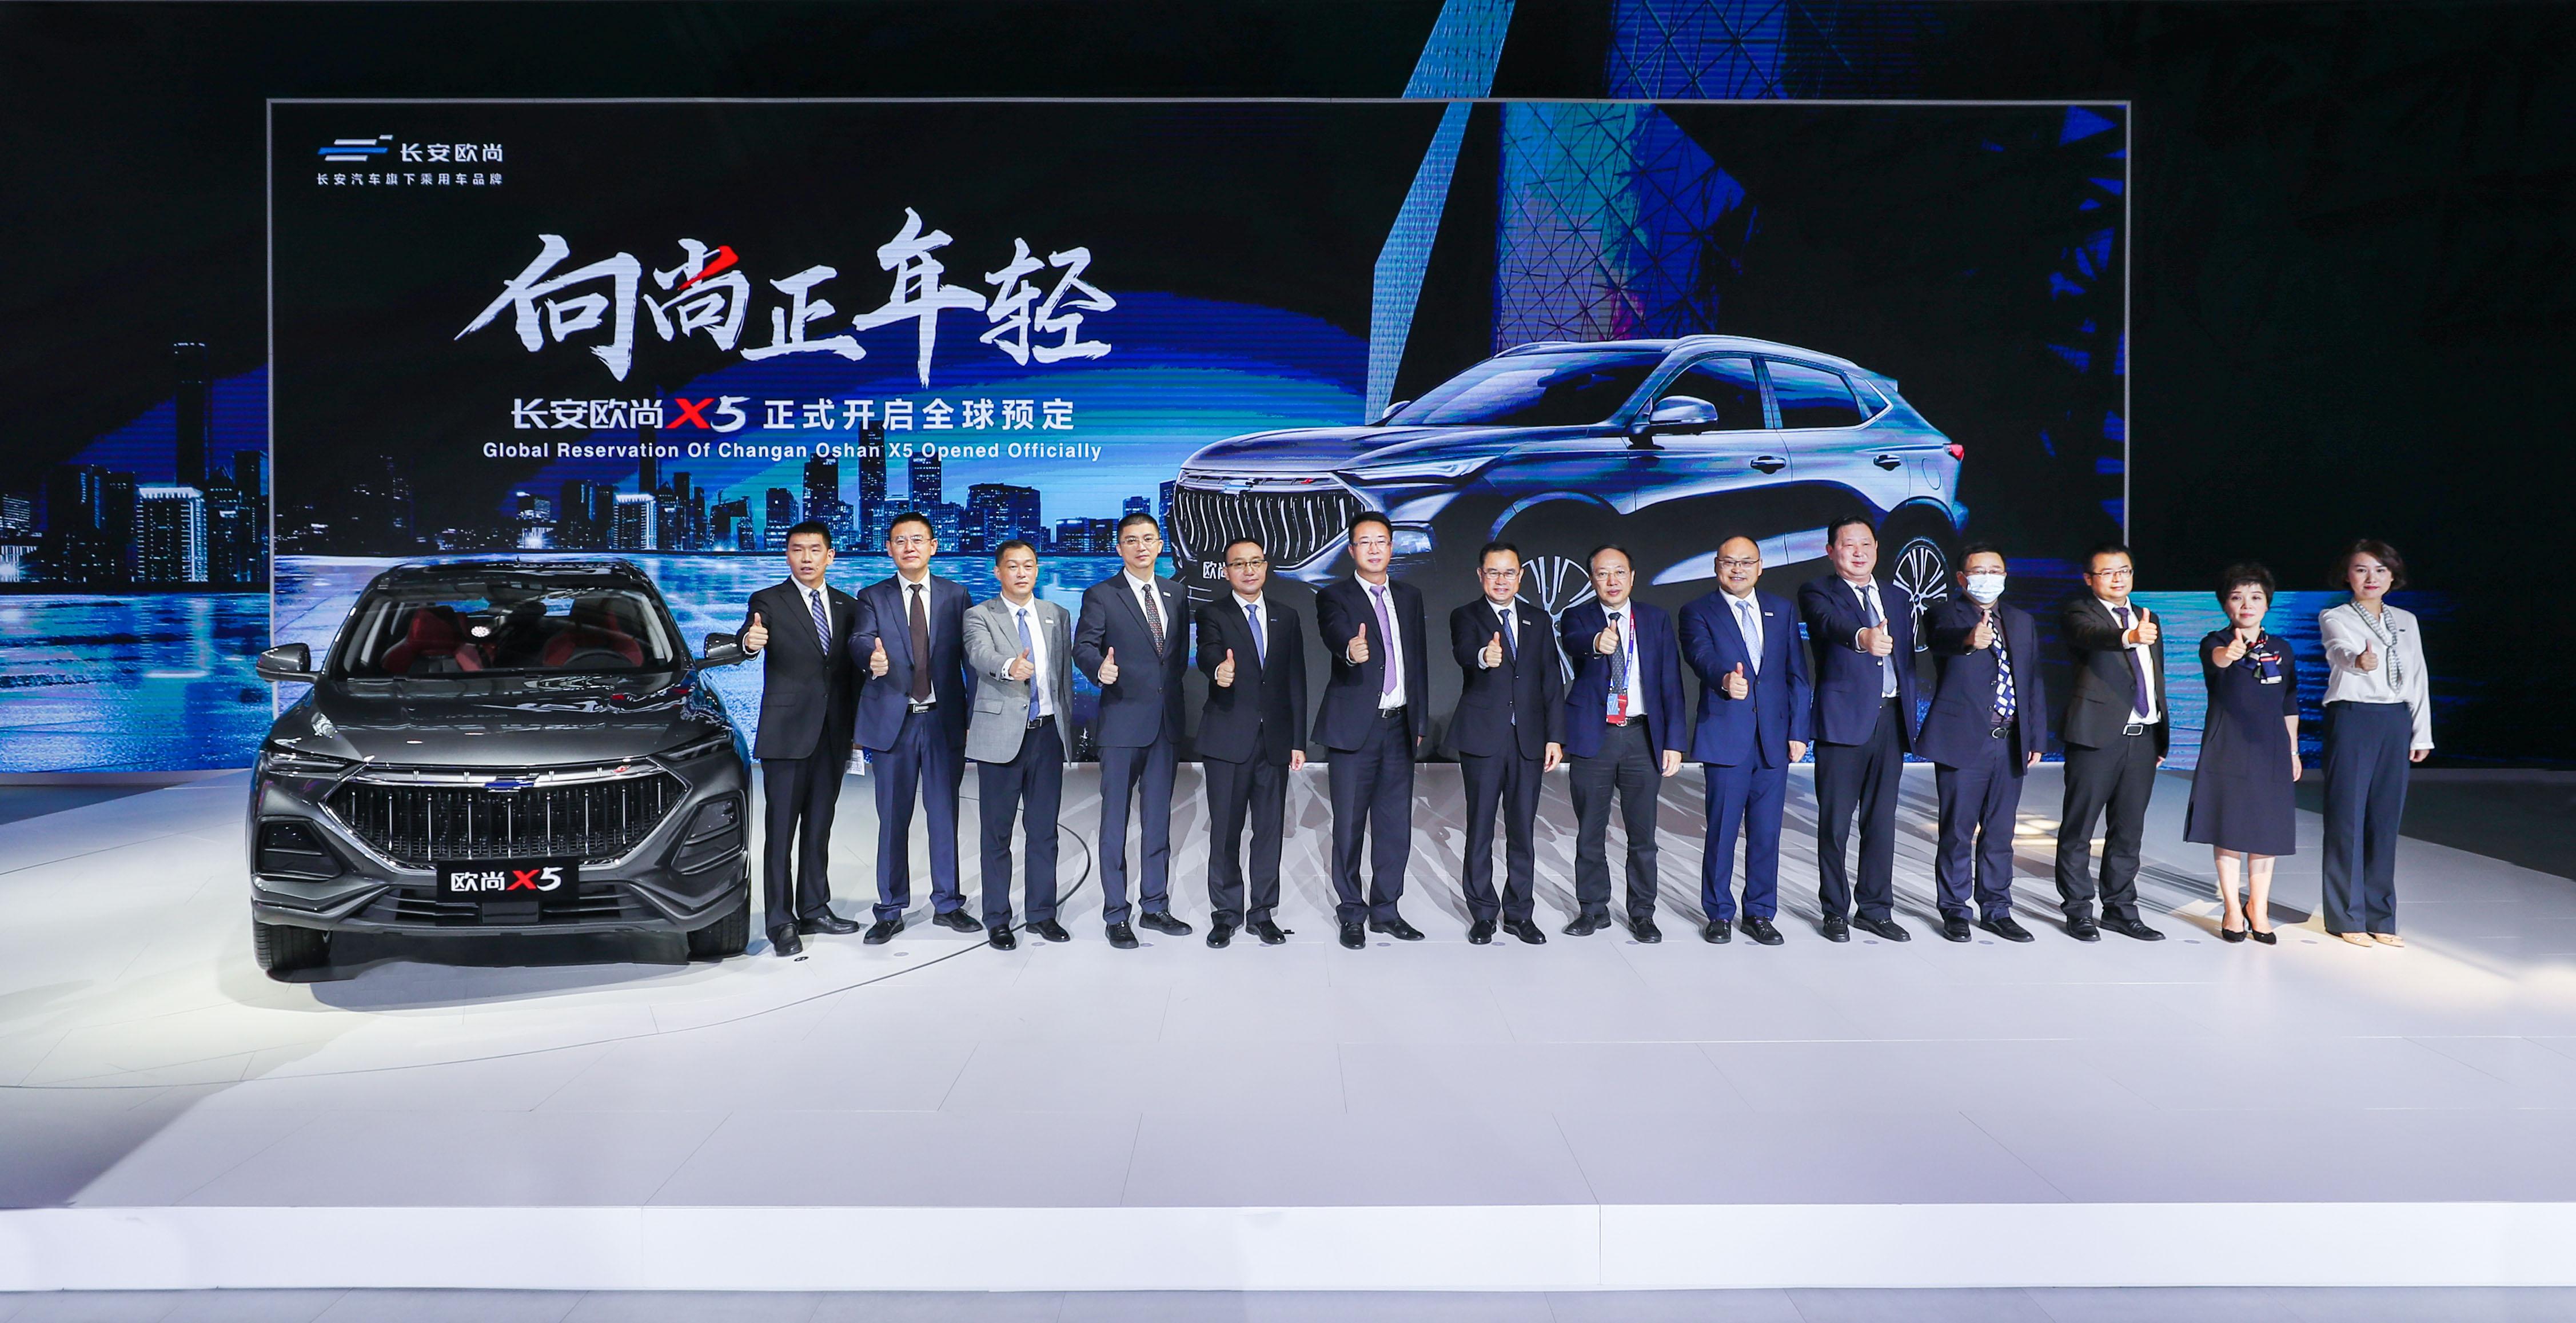 搭载蓝鲸平台技术,长安欧尚X5正式开启预定丨2020北京车展